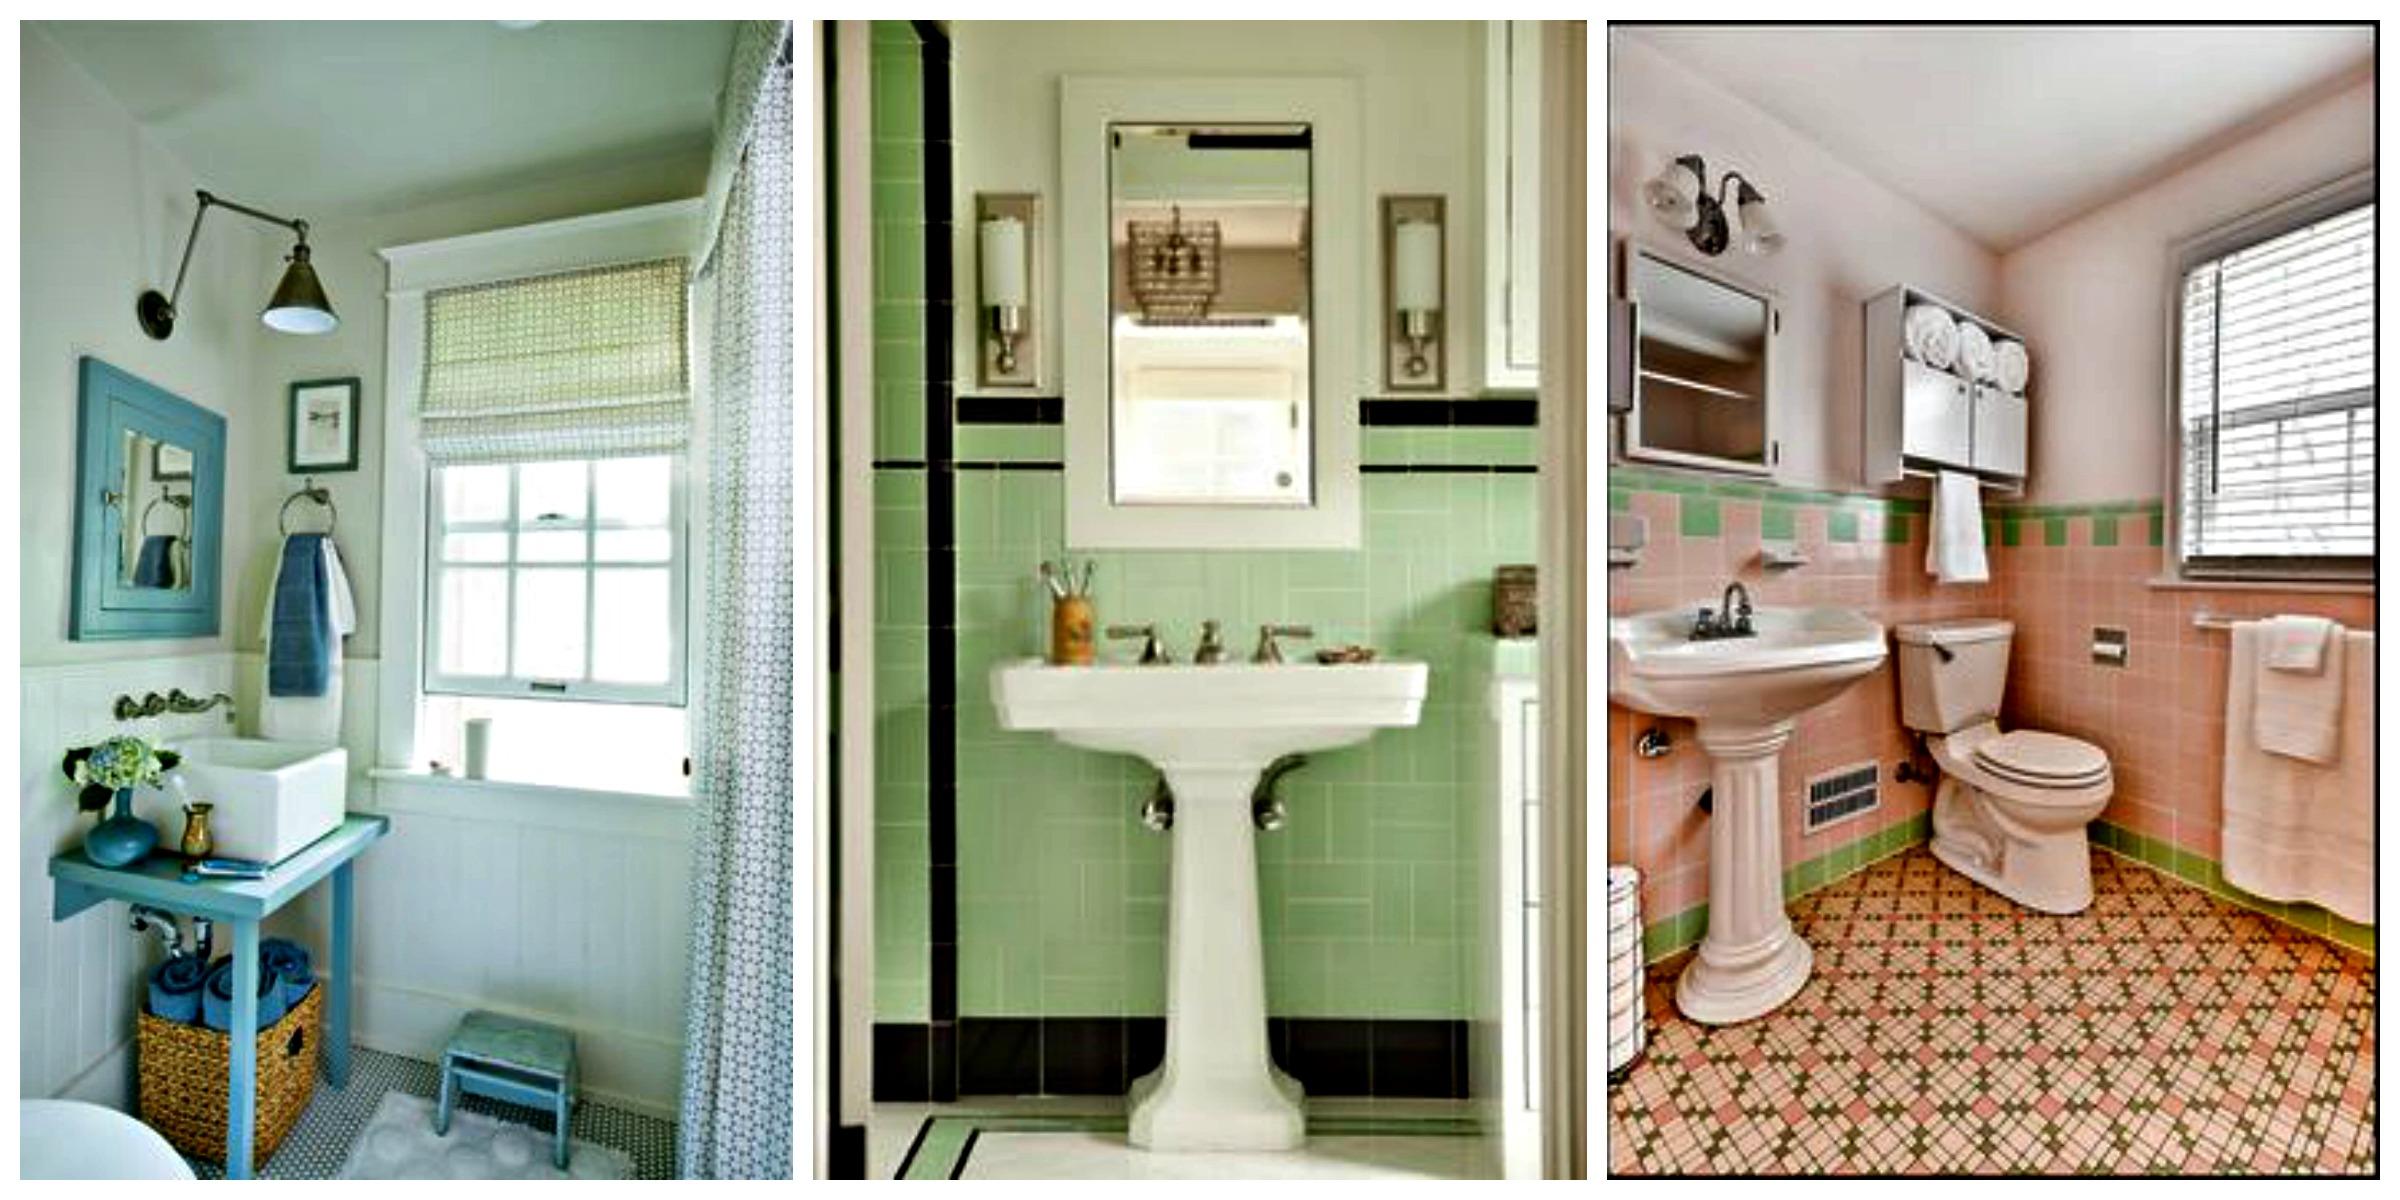 decoracao banheiro apartamento alugado:banheirovintage1 #714420 2400 1200